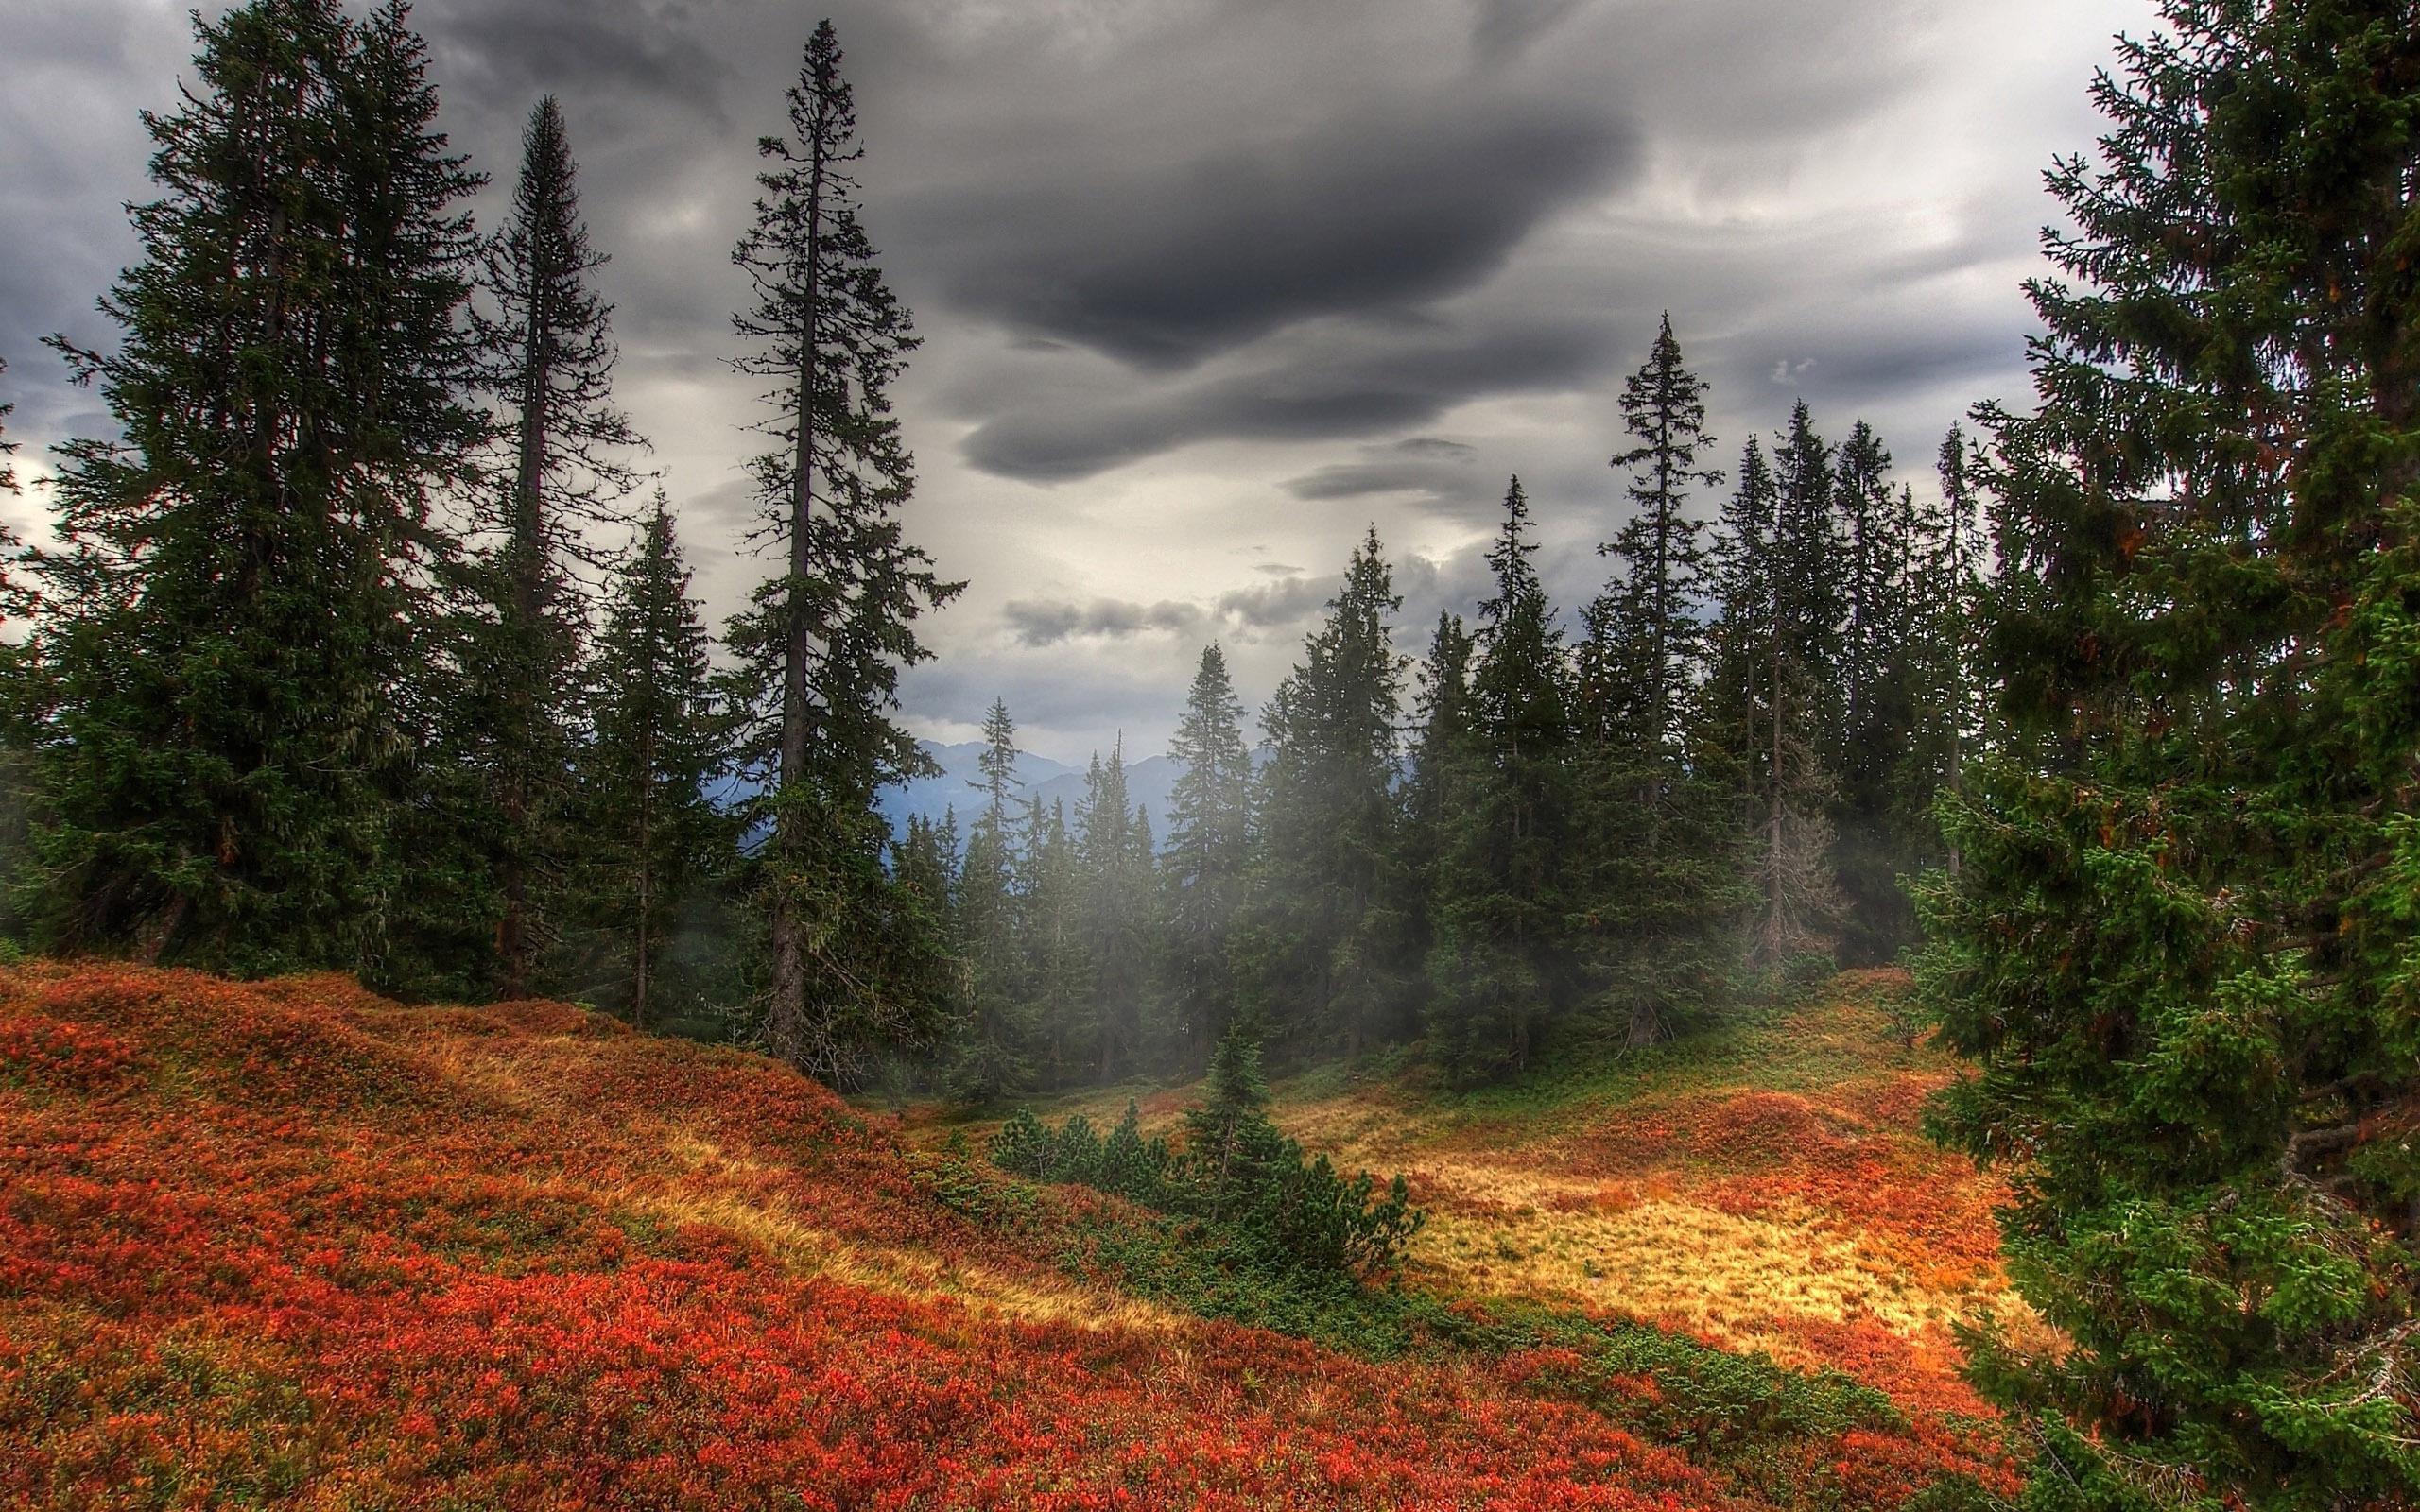 осень, туман, лес, природа, широкоформатные обои